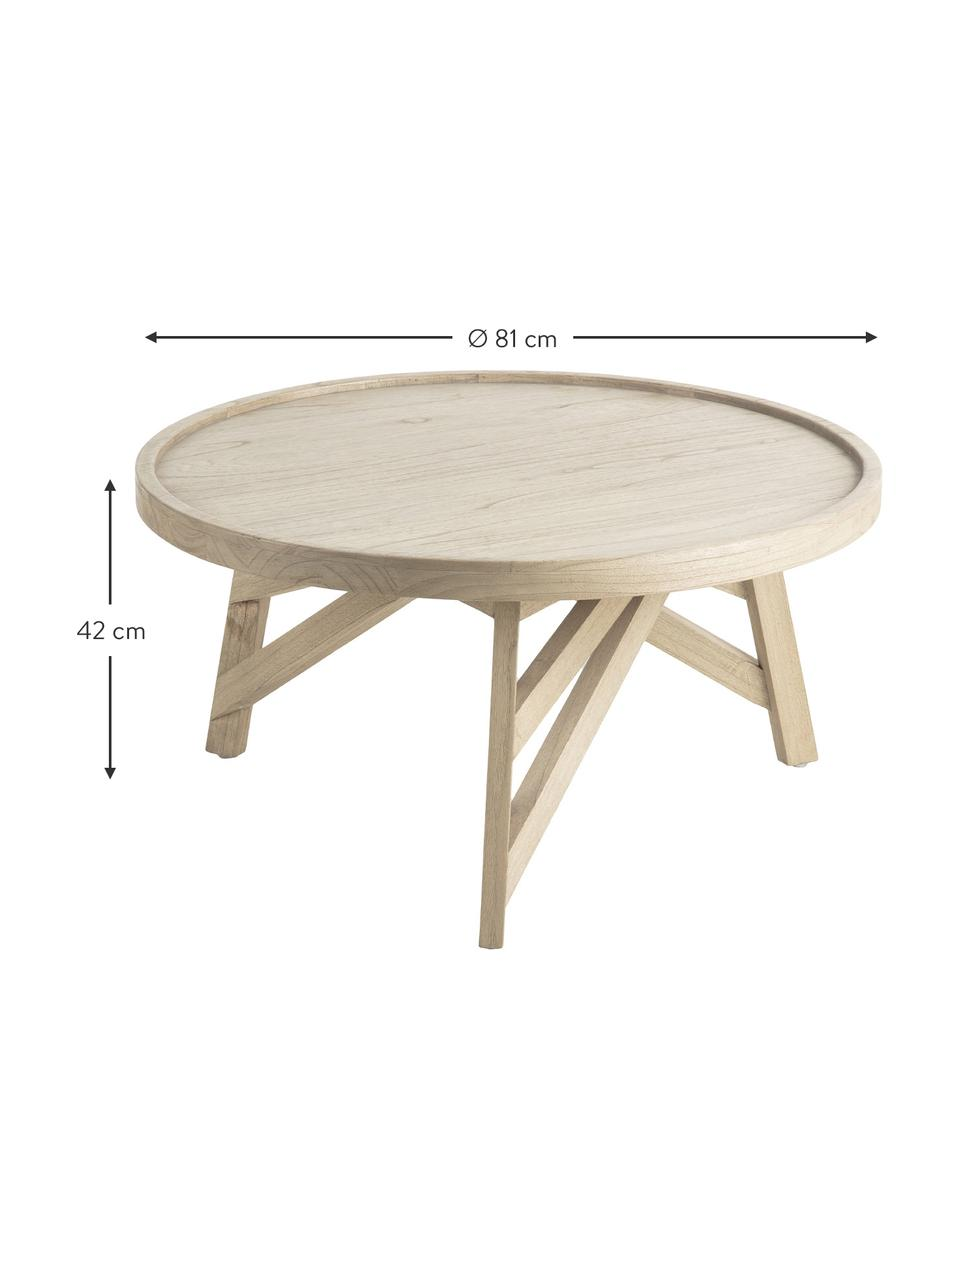 Stolik kawowy z drewna naturalnego Tenda, Drewno mindi, Beżowy, Ø 81 x W 81 cm